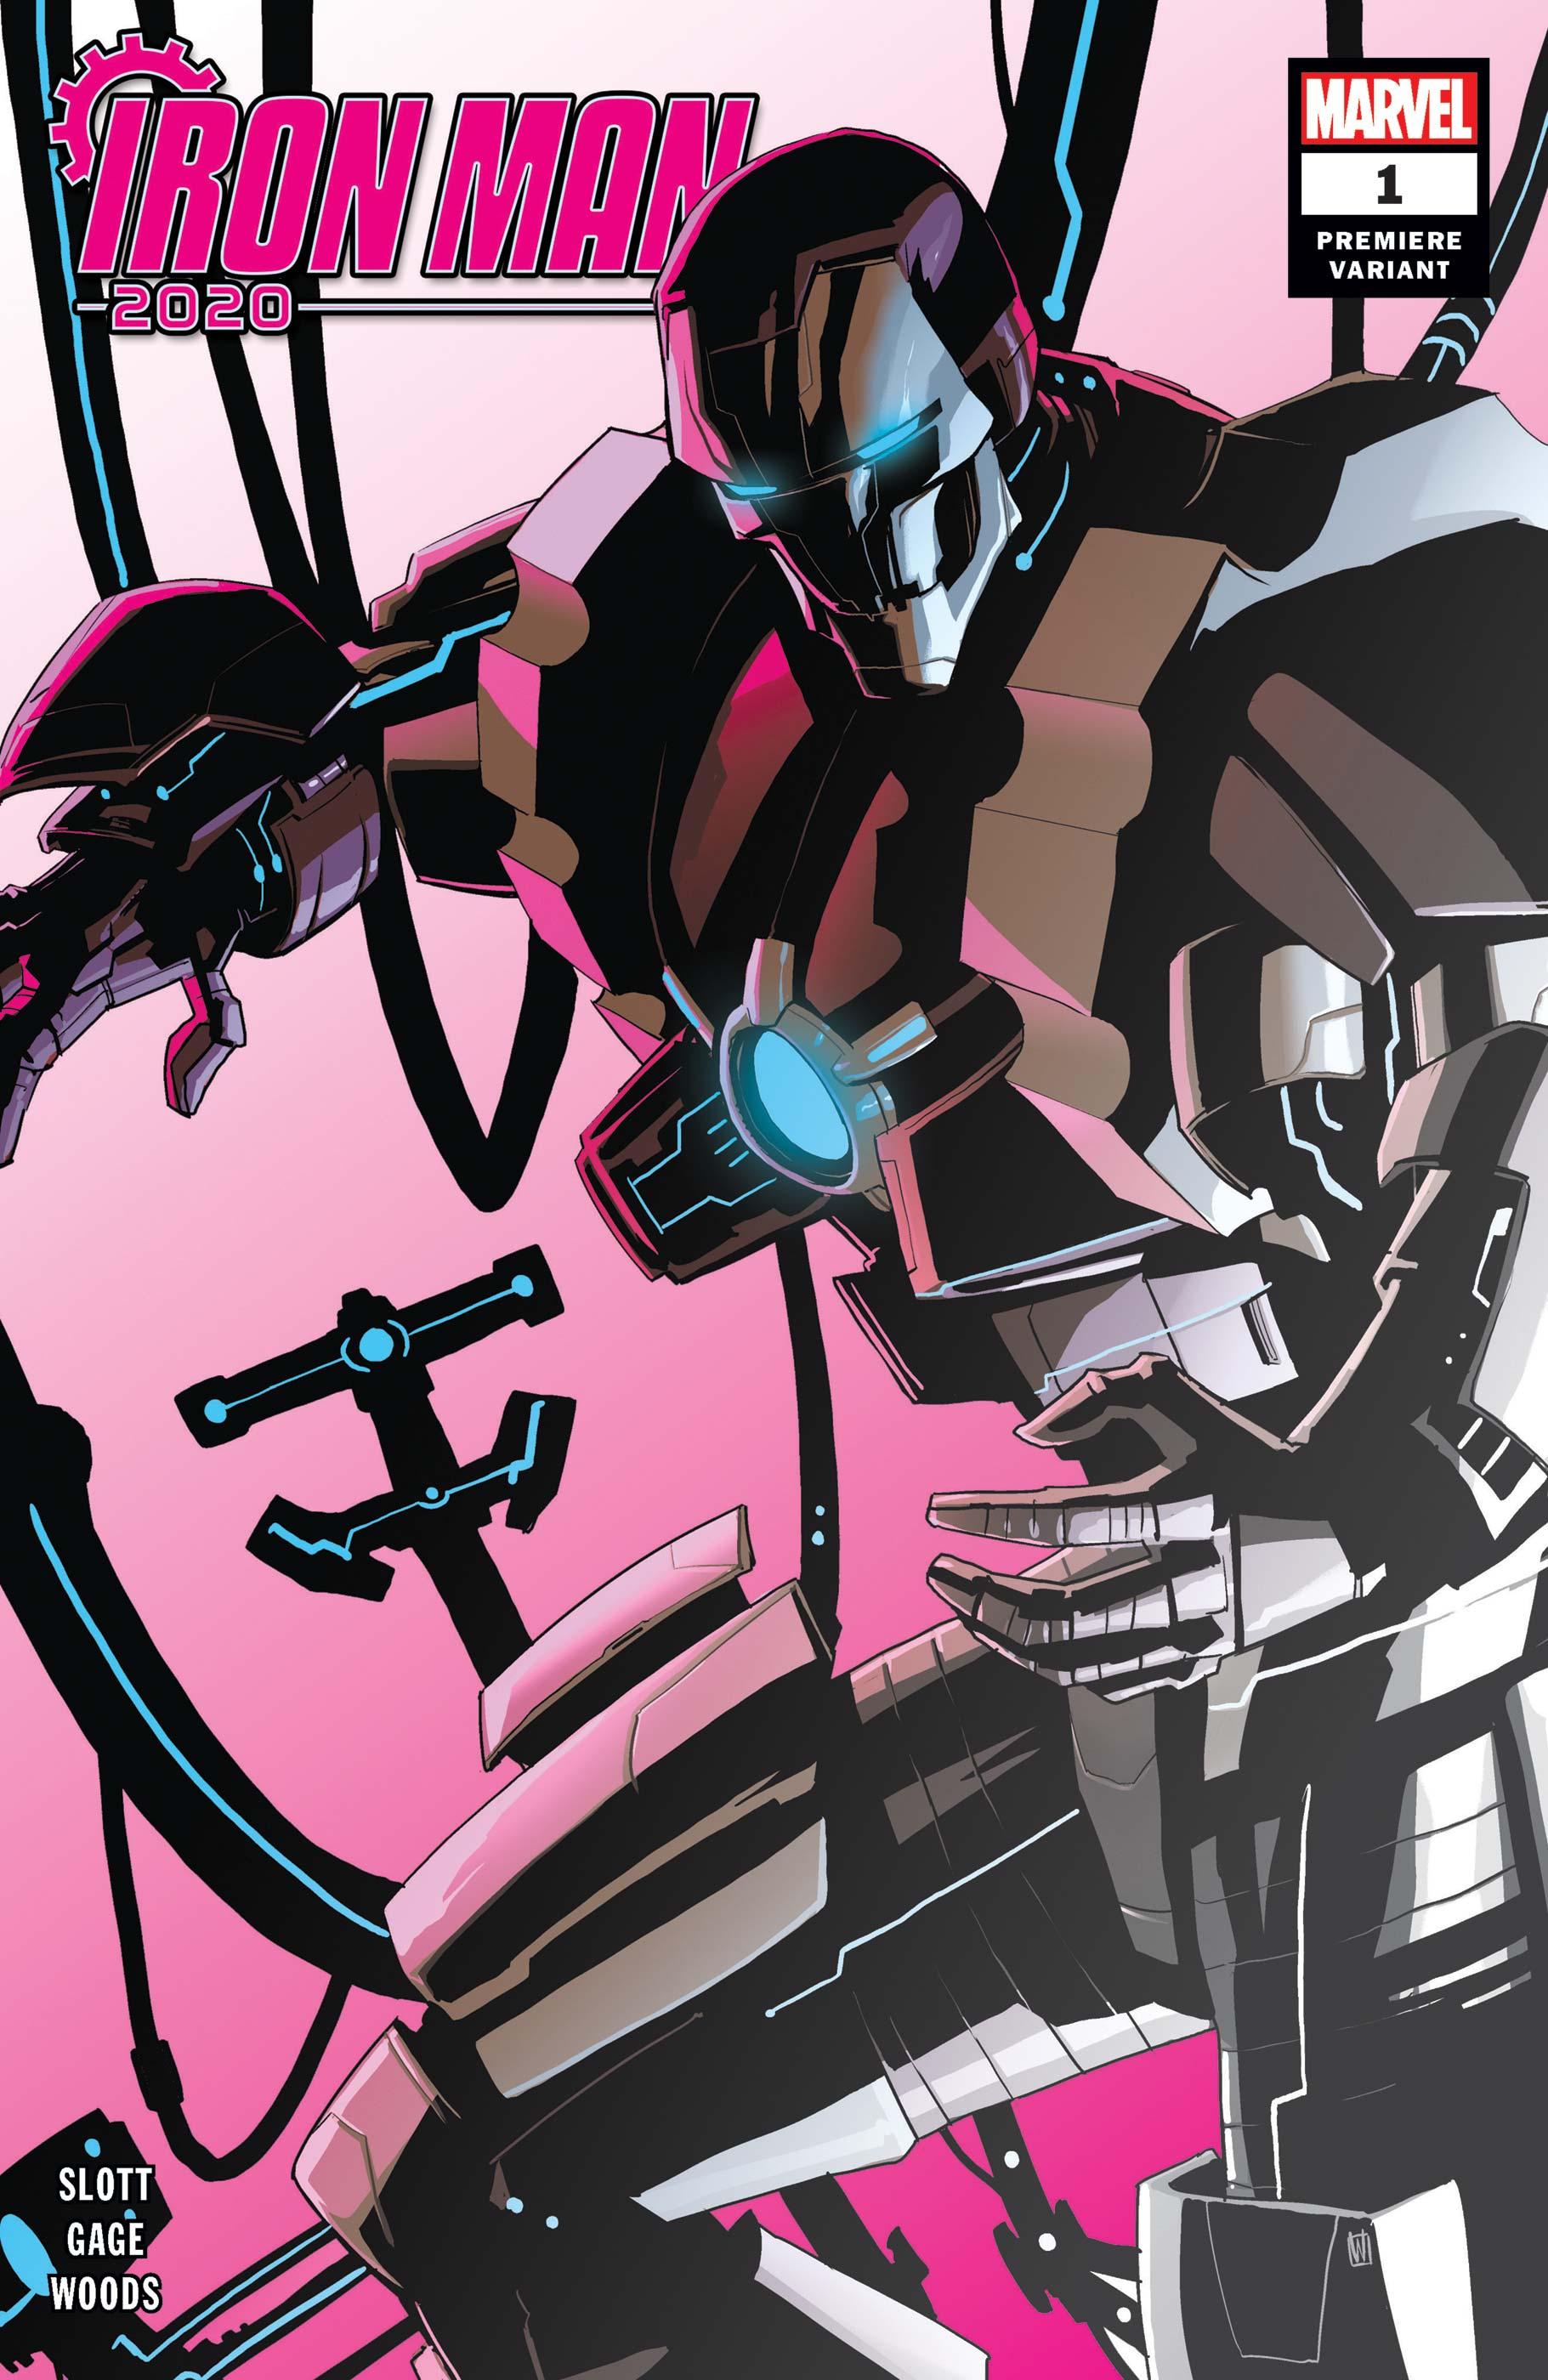 Iron Man 2020 (2020) #1 (Variant)